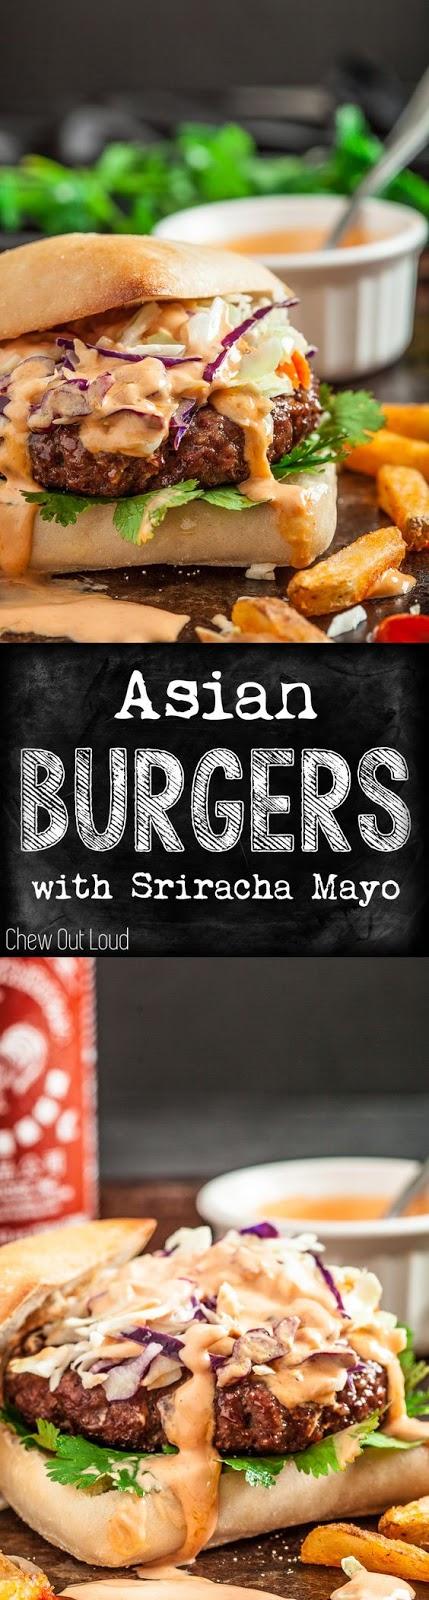 ASIAN BURGERS WITH SRIRACHA MAYO